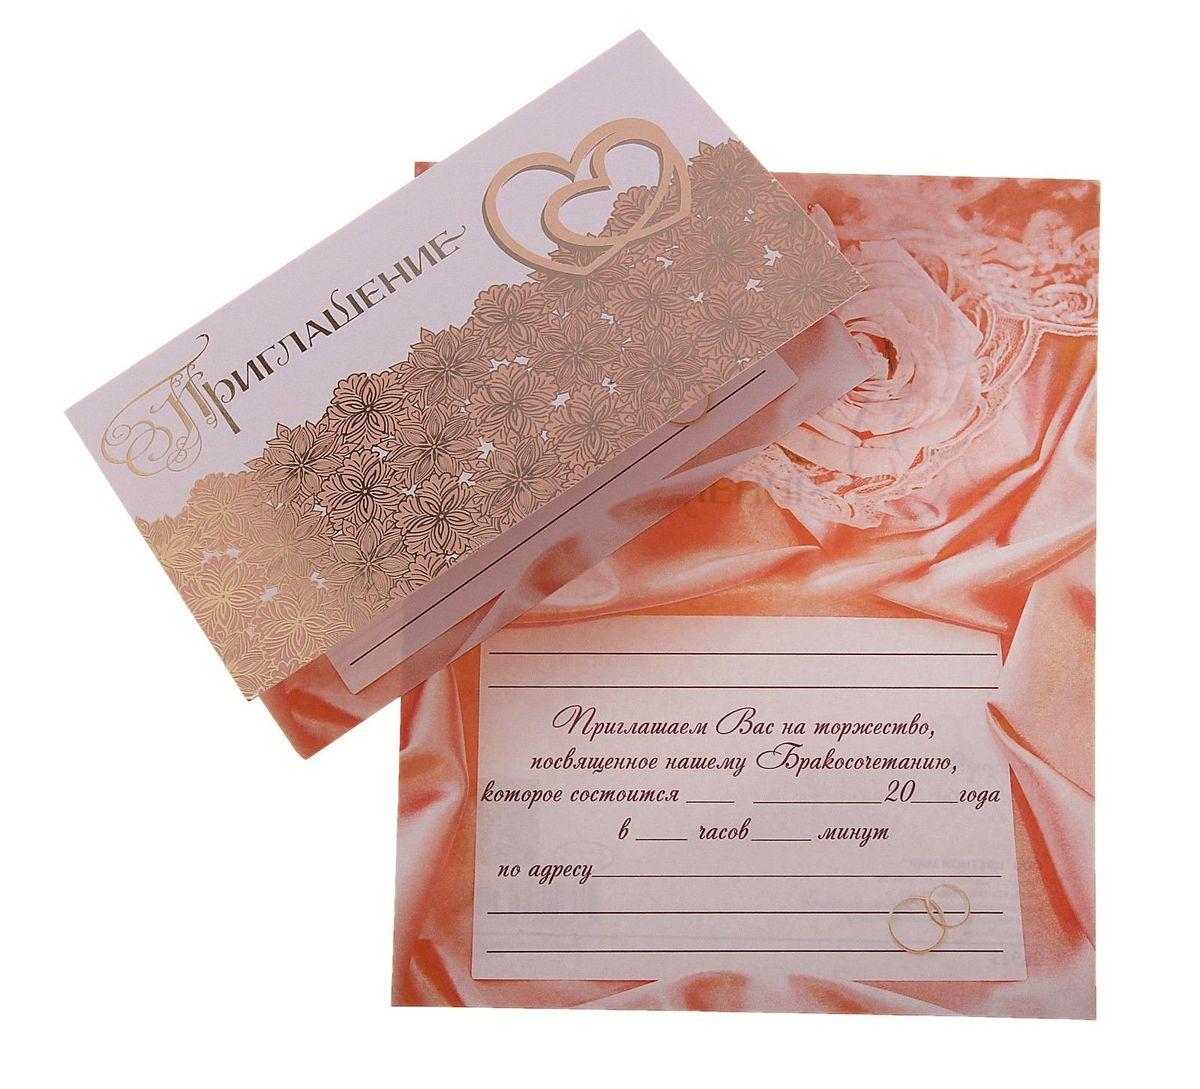 Приглашение на свадьбу Русский дизайн